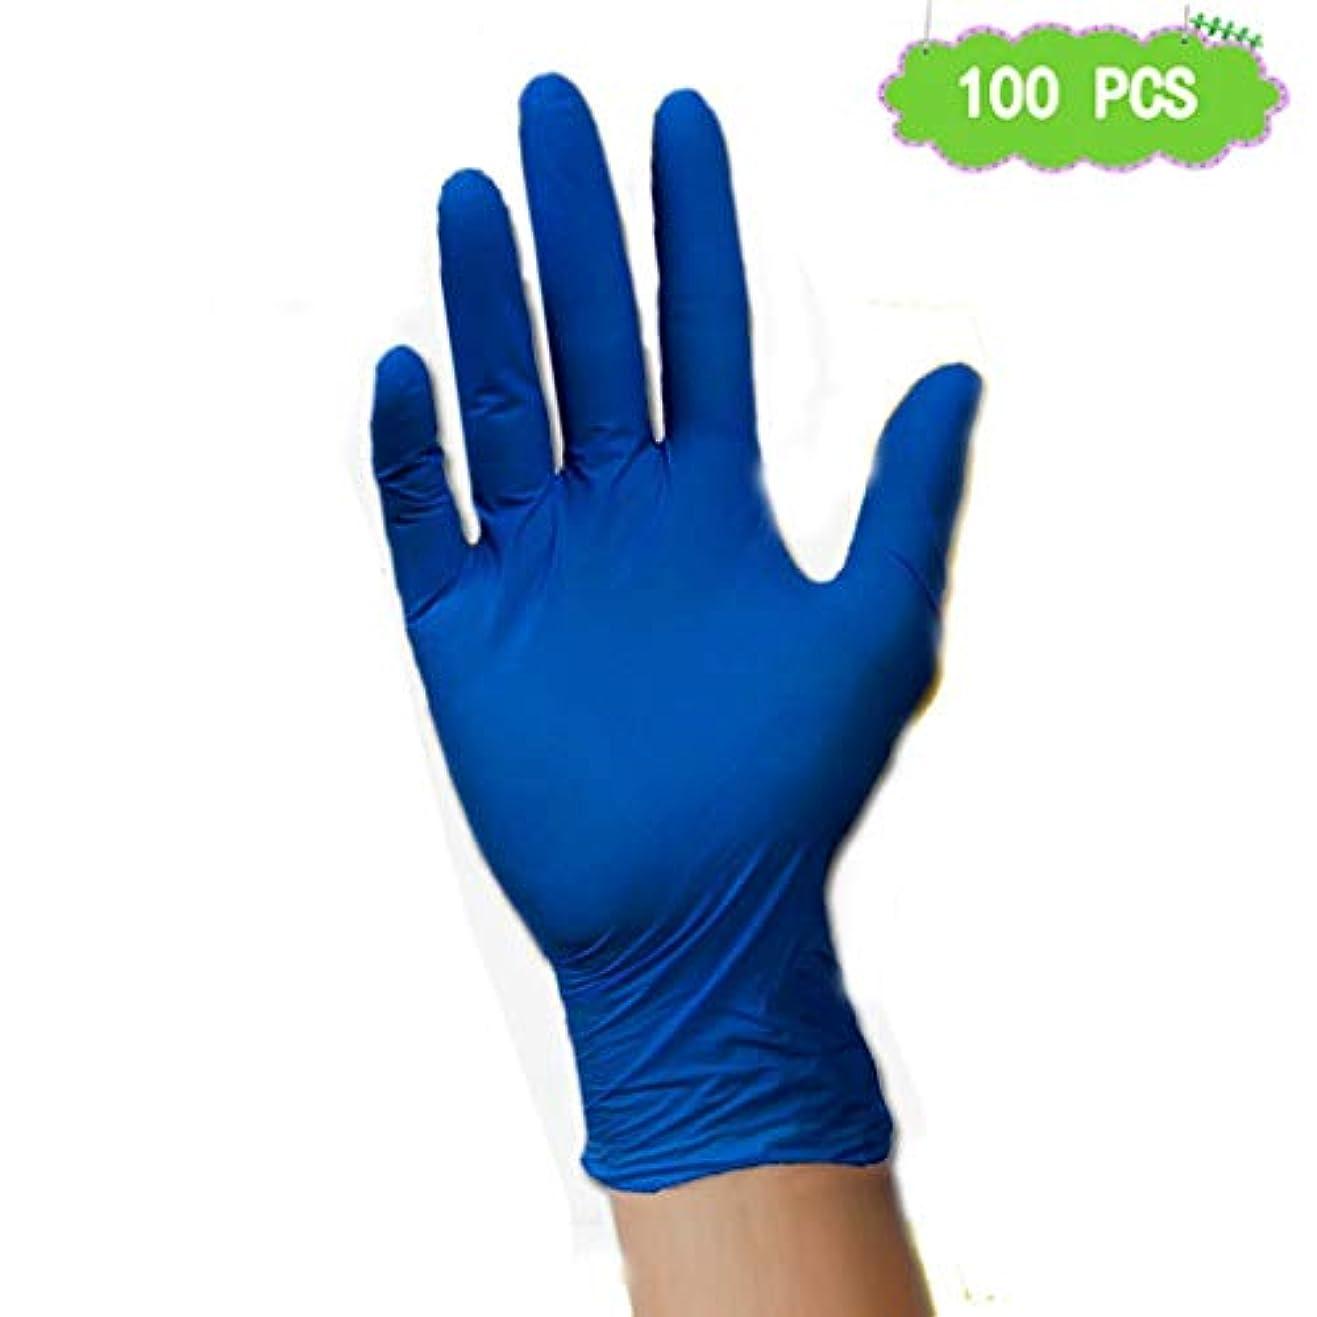 自動化ディスカウント上級ニトリル手袋、滑り止め使い捨て手袋厚くされた耐油性キッチン浴室の労働保険厚くなる美容院ラテックスフリー、ダークブルーパウダーフリー、100個 (Size : L)